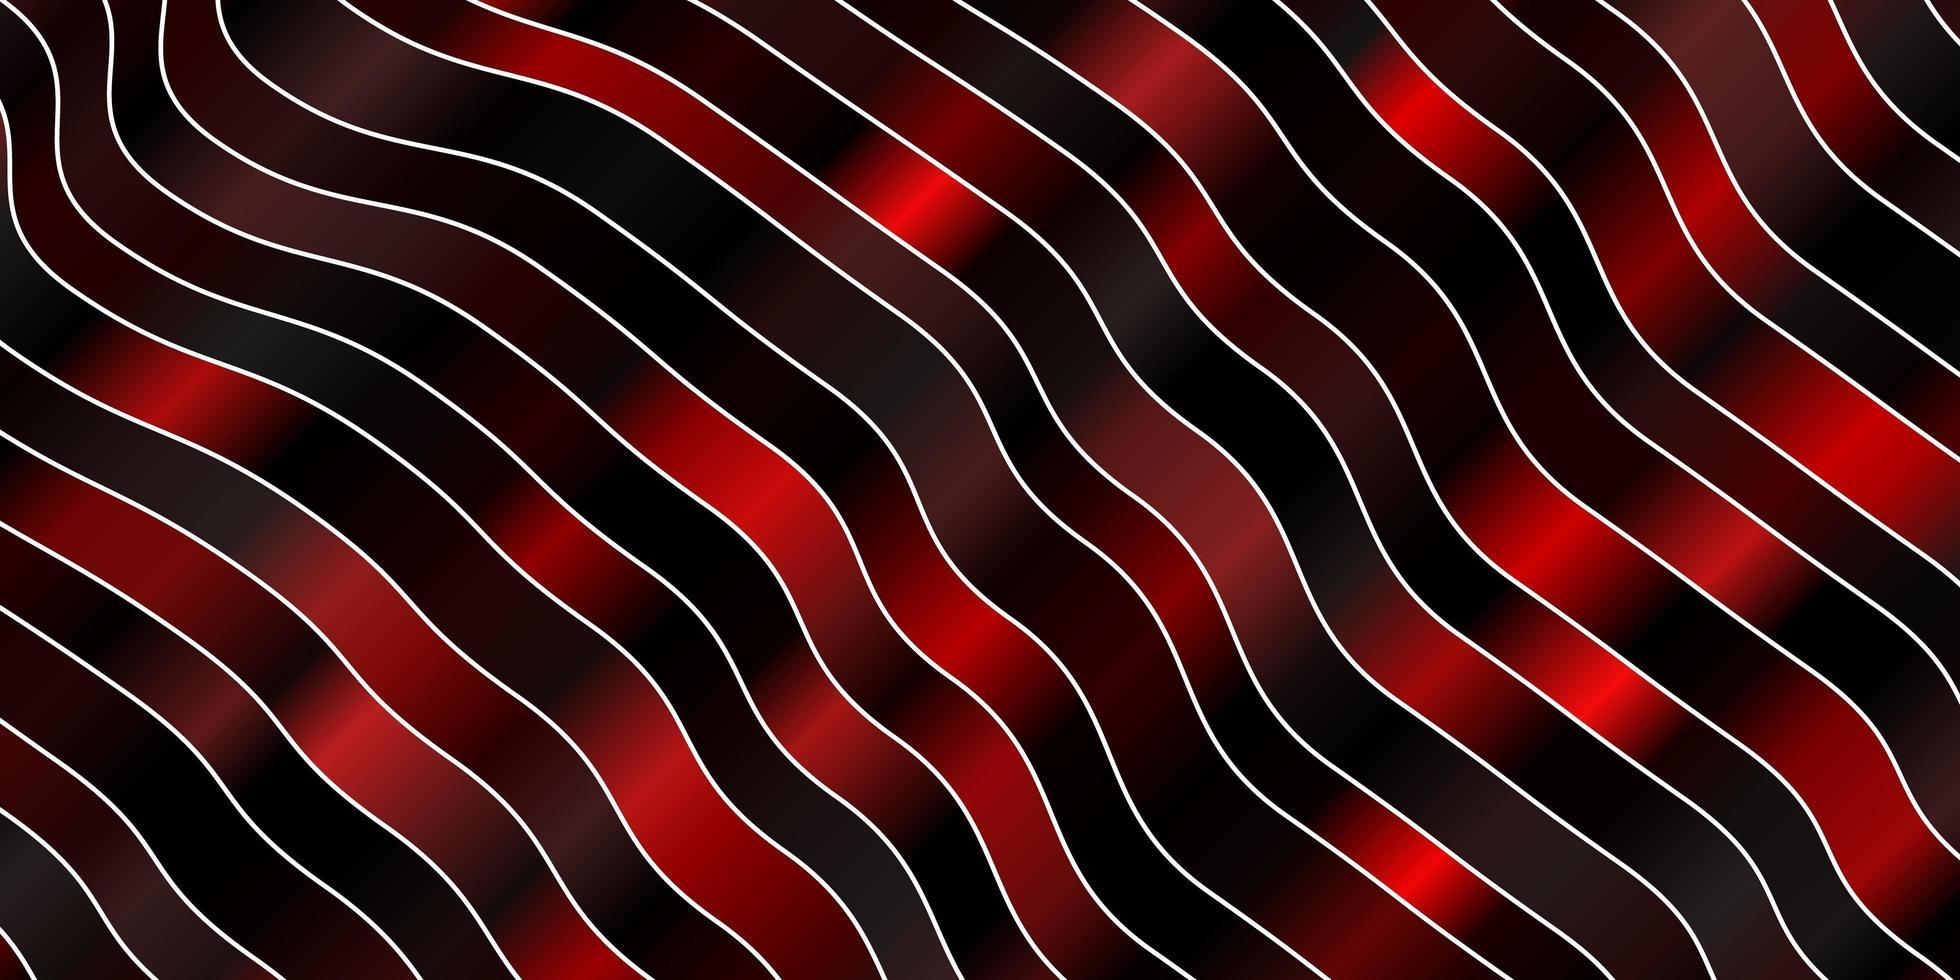 modello rosso scuro con curve. vettore